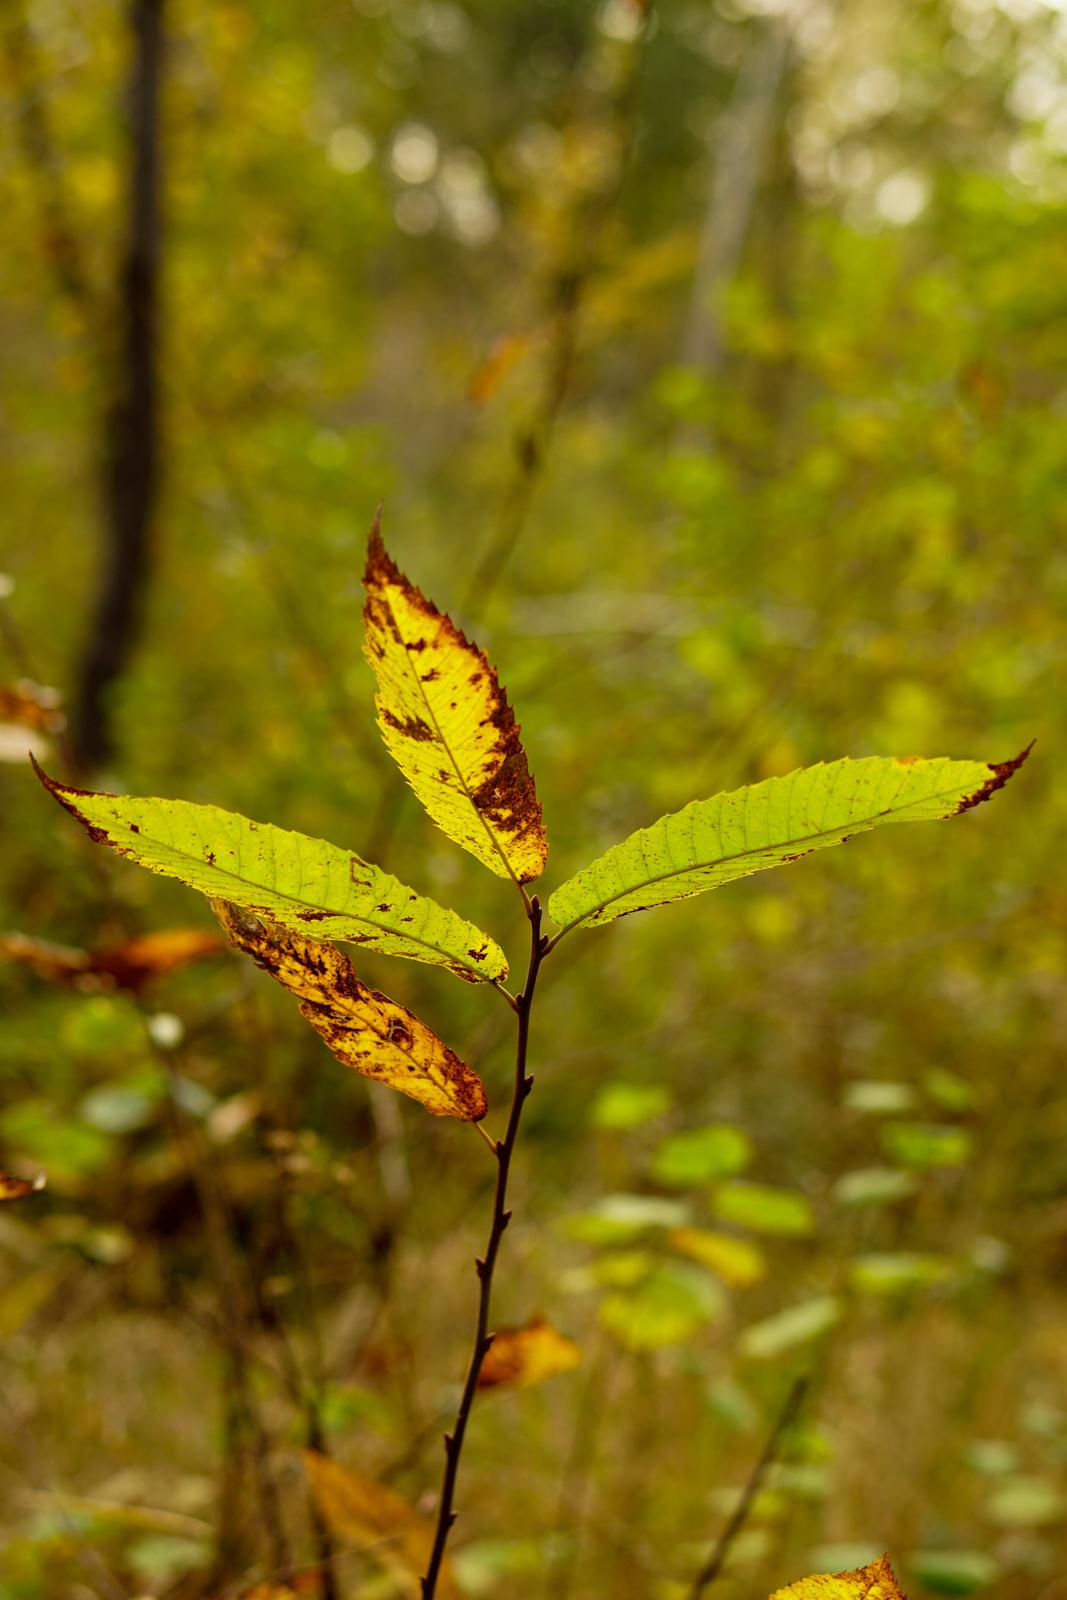 forêt notre-dame, forêt santeny, forêt val-de-marne, forêt val de marne, forêt région parisienne, forêt automne paris